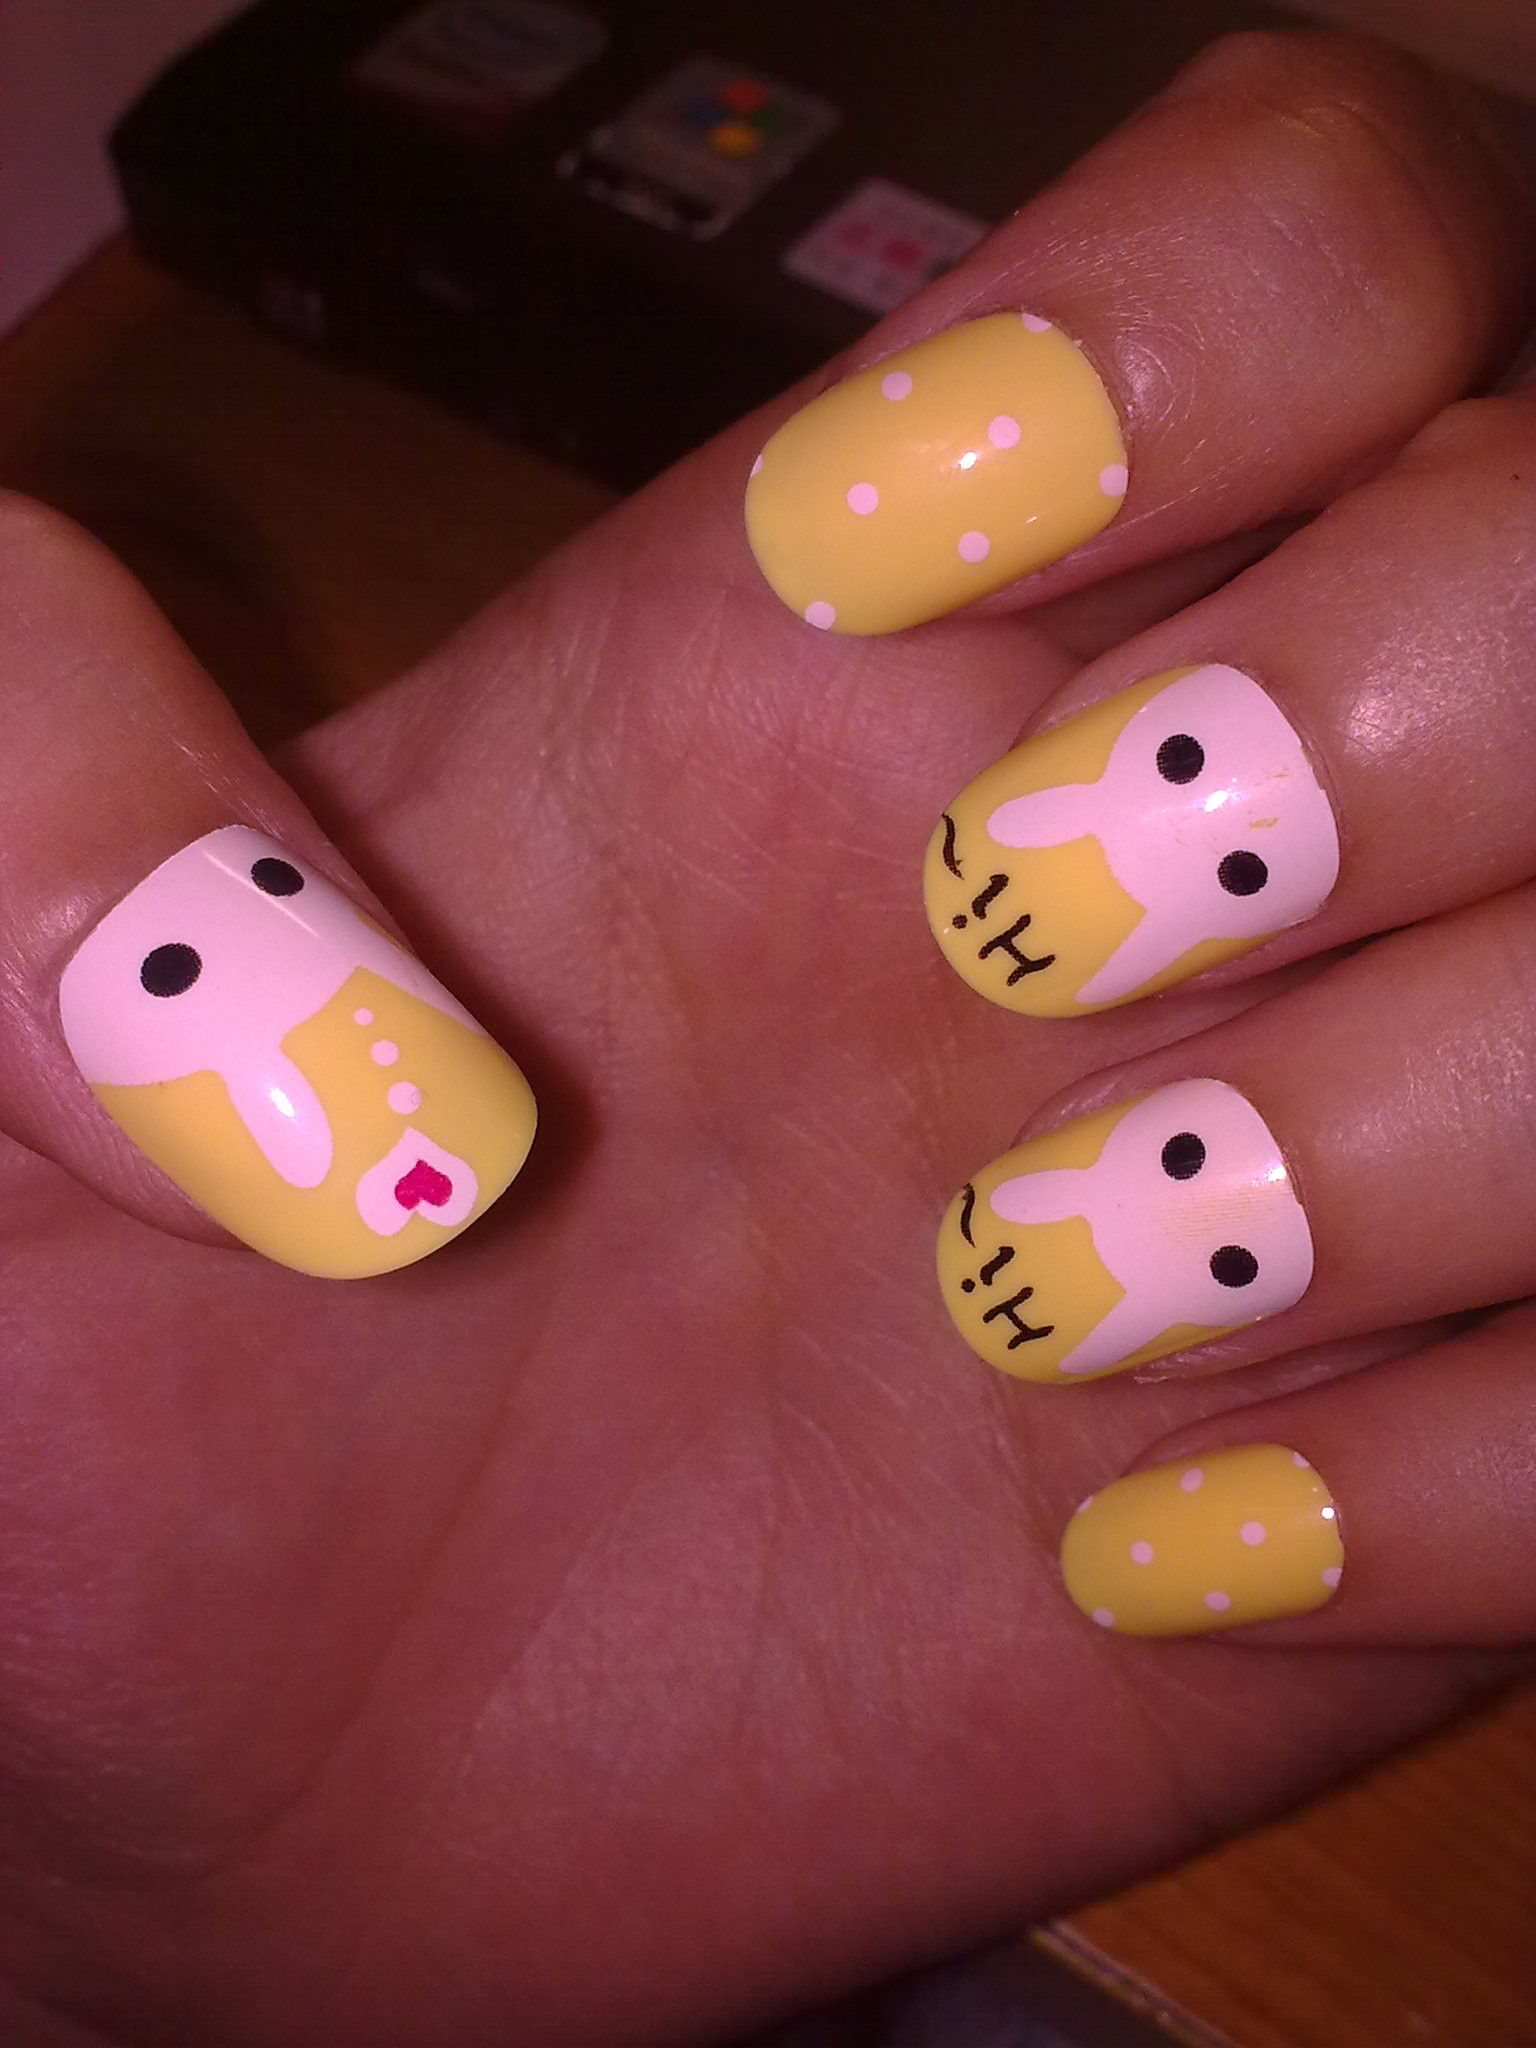 【图】网友推荐单品:超可爱短指甲 超萌的小兔兔 奶黄